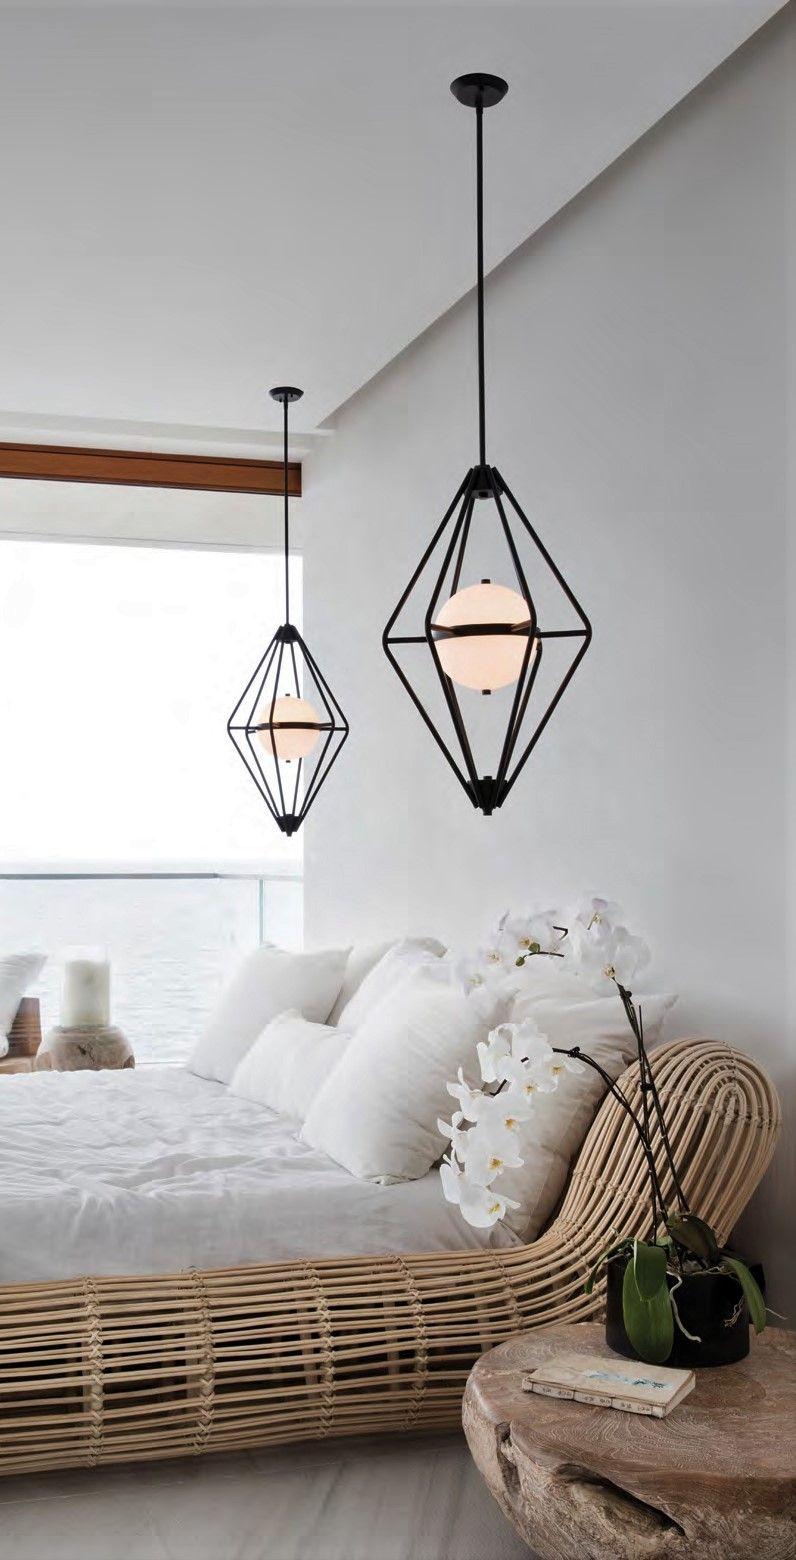 Hanging Pendant Lights Bedroom Decoromah In 2020 Hanging Pendant Lights Bedroom Pendant Lighting Bedroom Green Master Bedroom